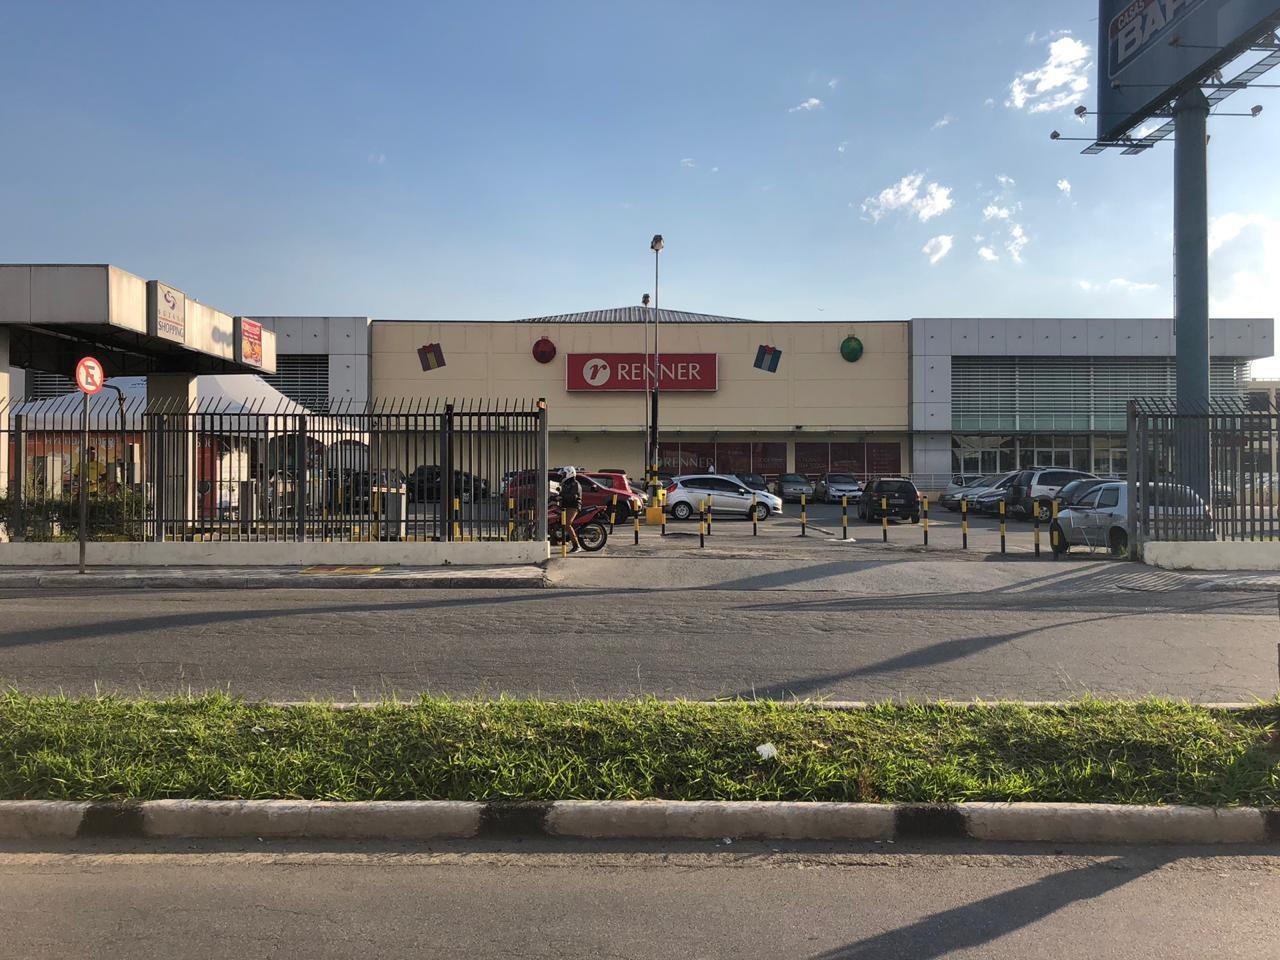 Shoppings do Alto Tietê selecionam para mais de 30 vagas de emprego nesta terça-feira - Notícias - Plantão Diário